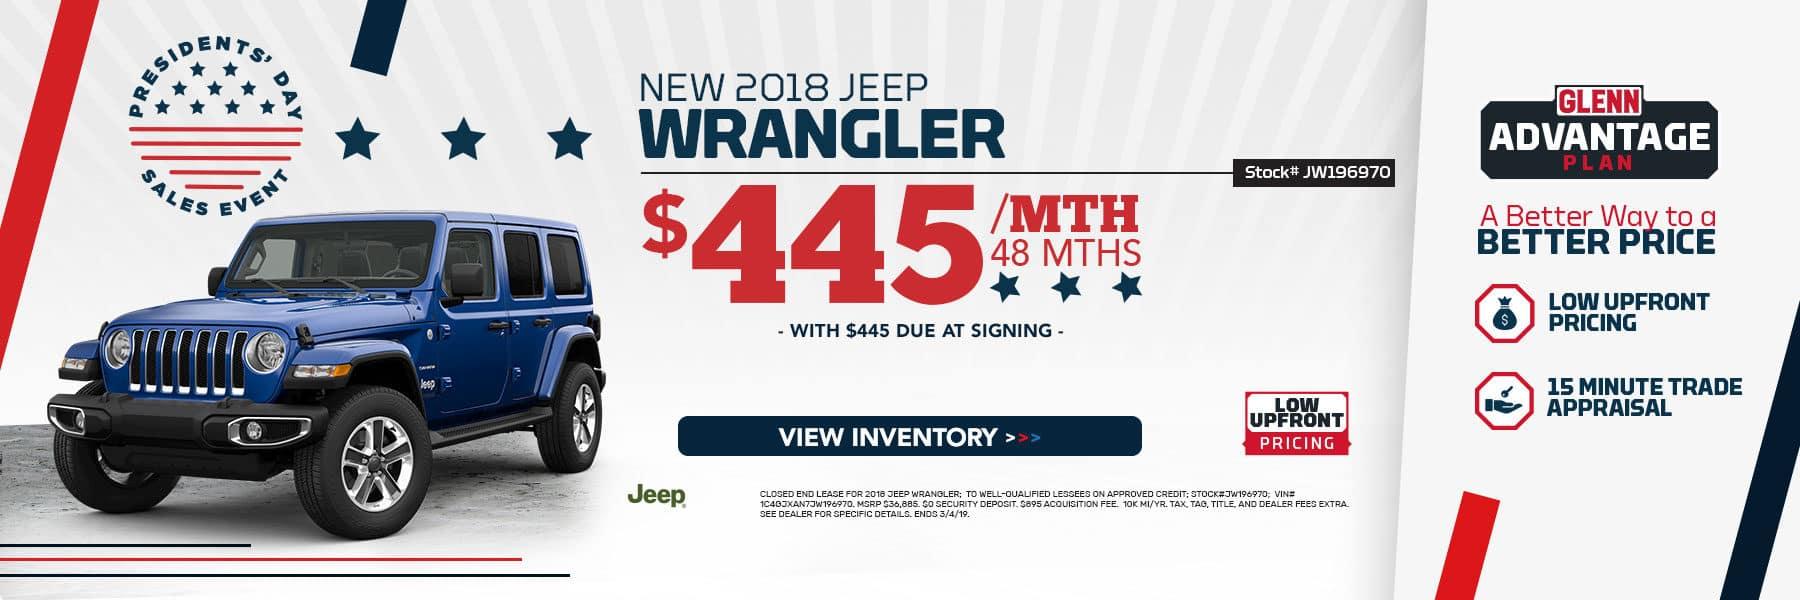 New 2018 Jeep Wrangler!